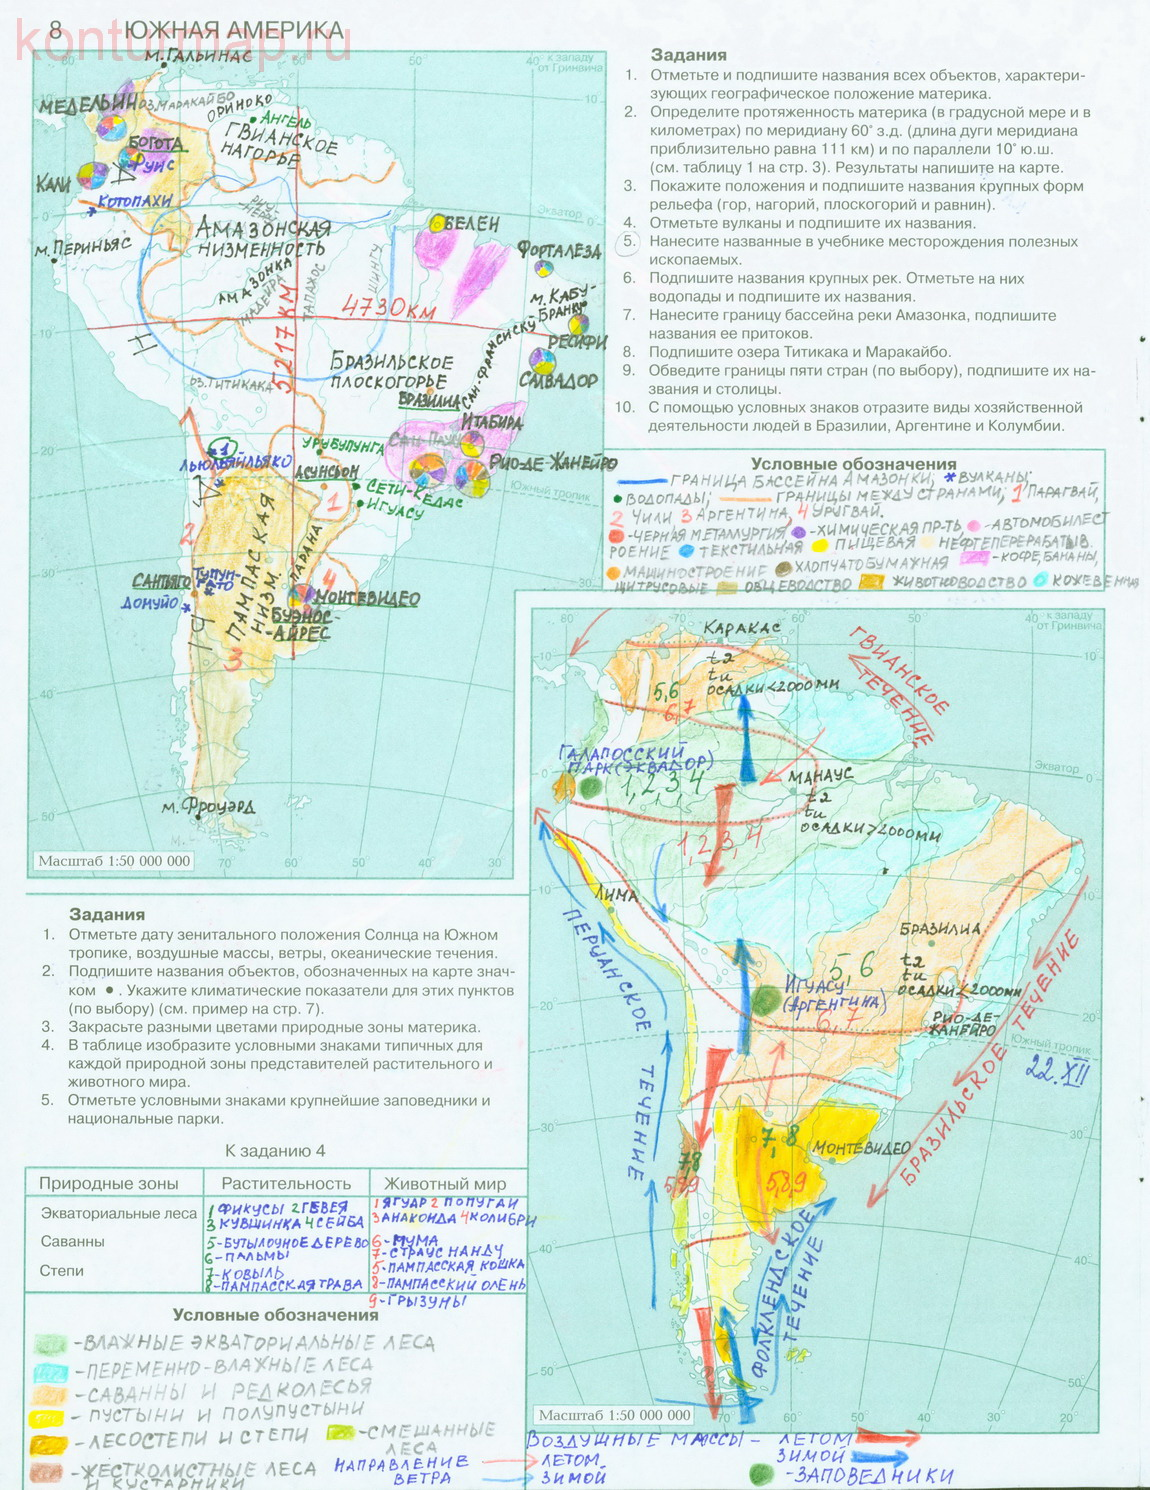 гдз по географии 7 класс контурная карта африка